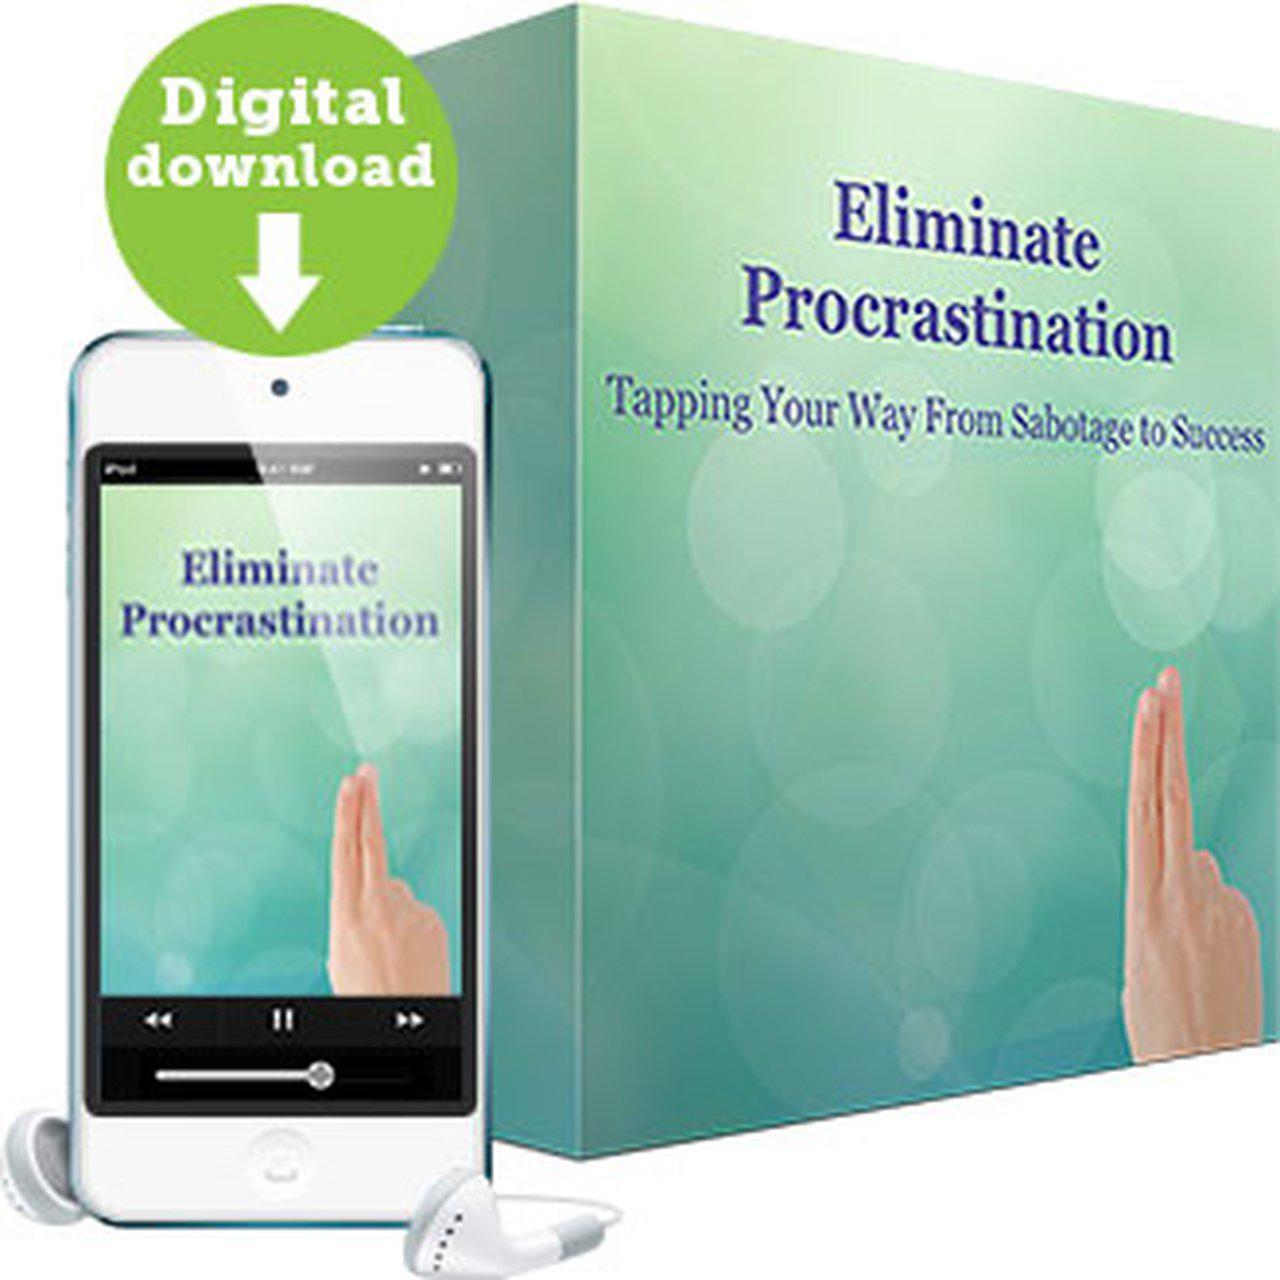 eliminate-procrastination-product-image